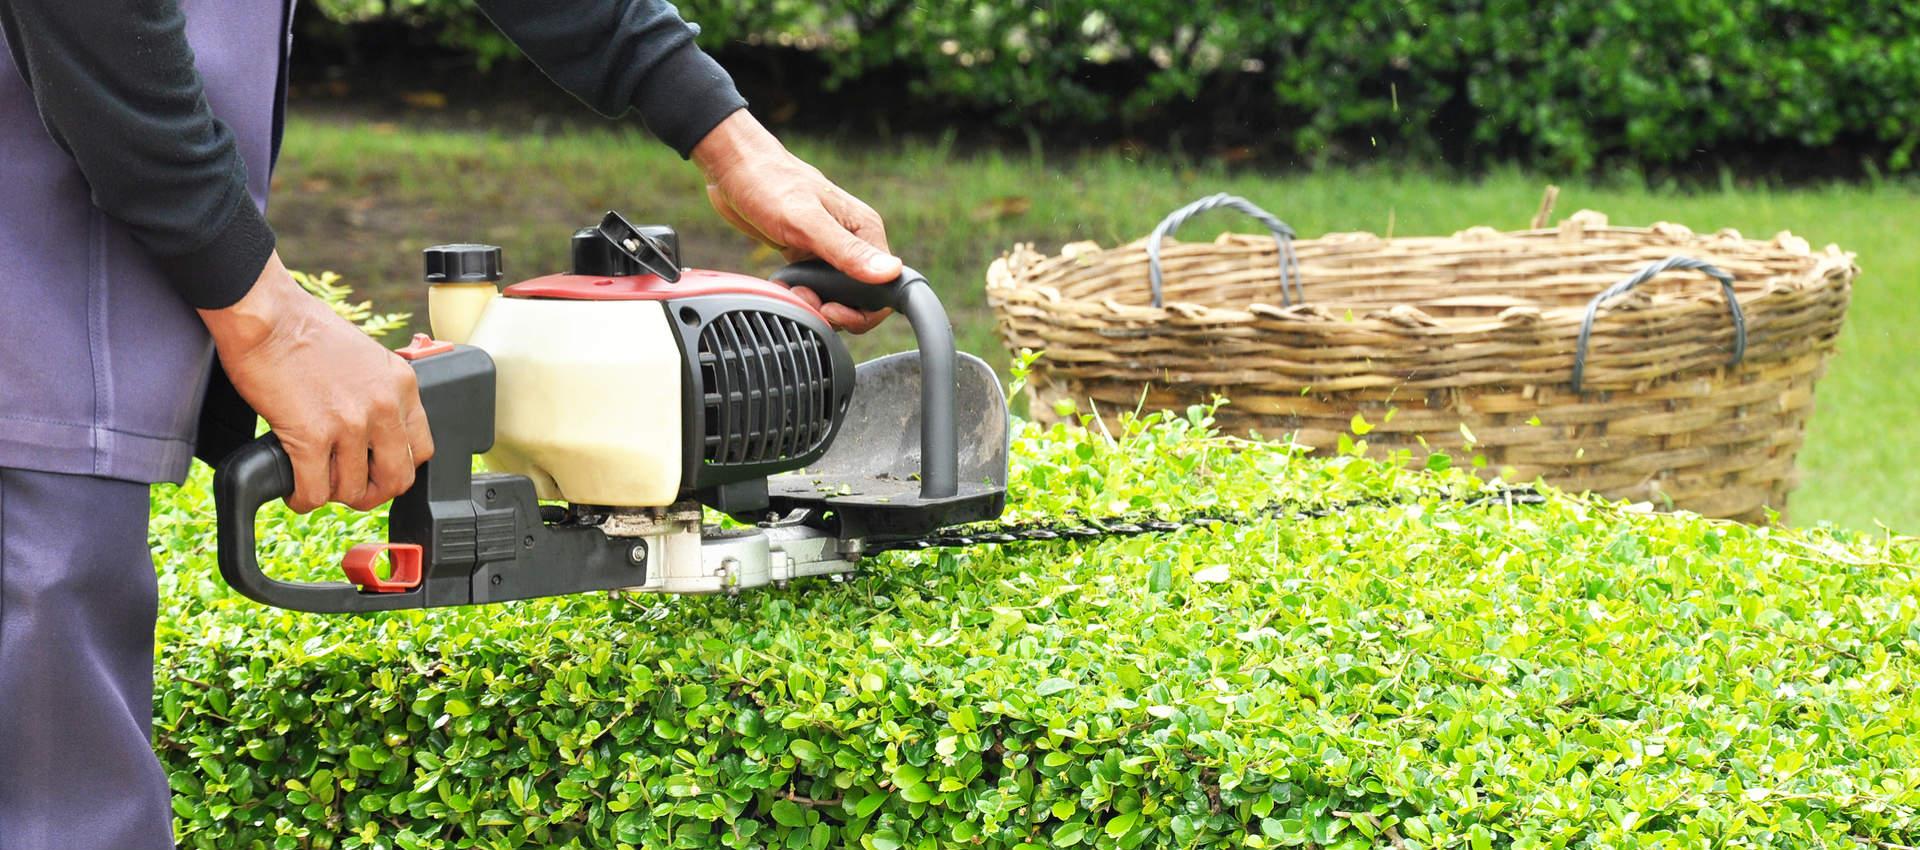 Garden Equipment Sales & Tool Hire